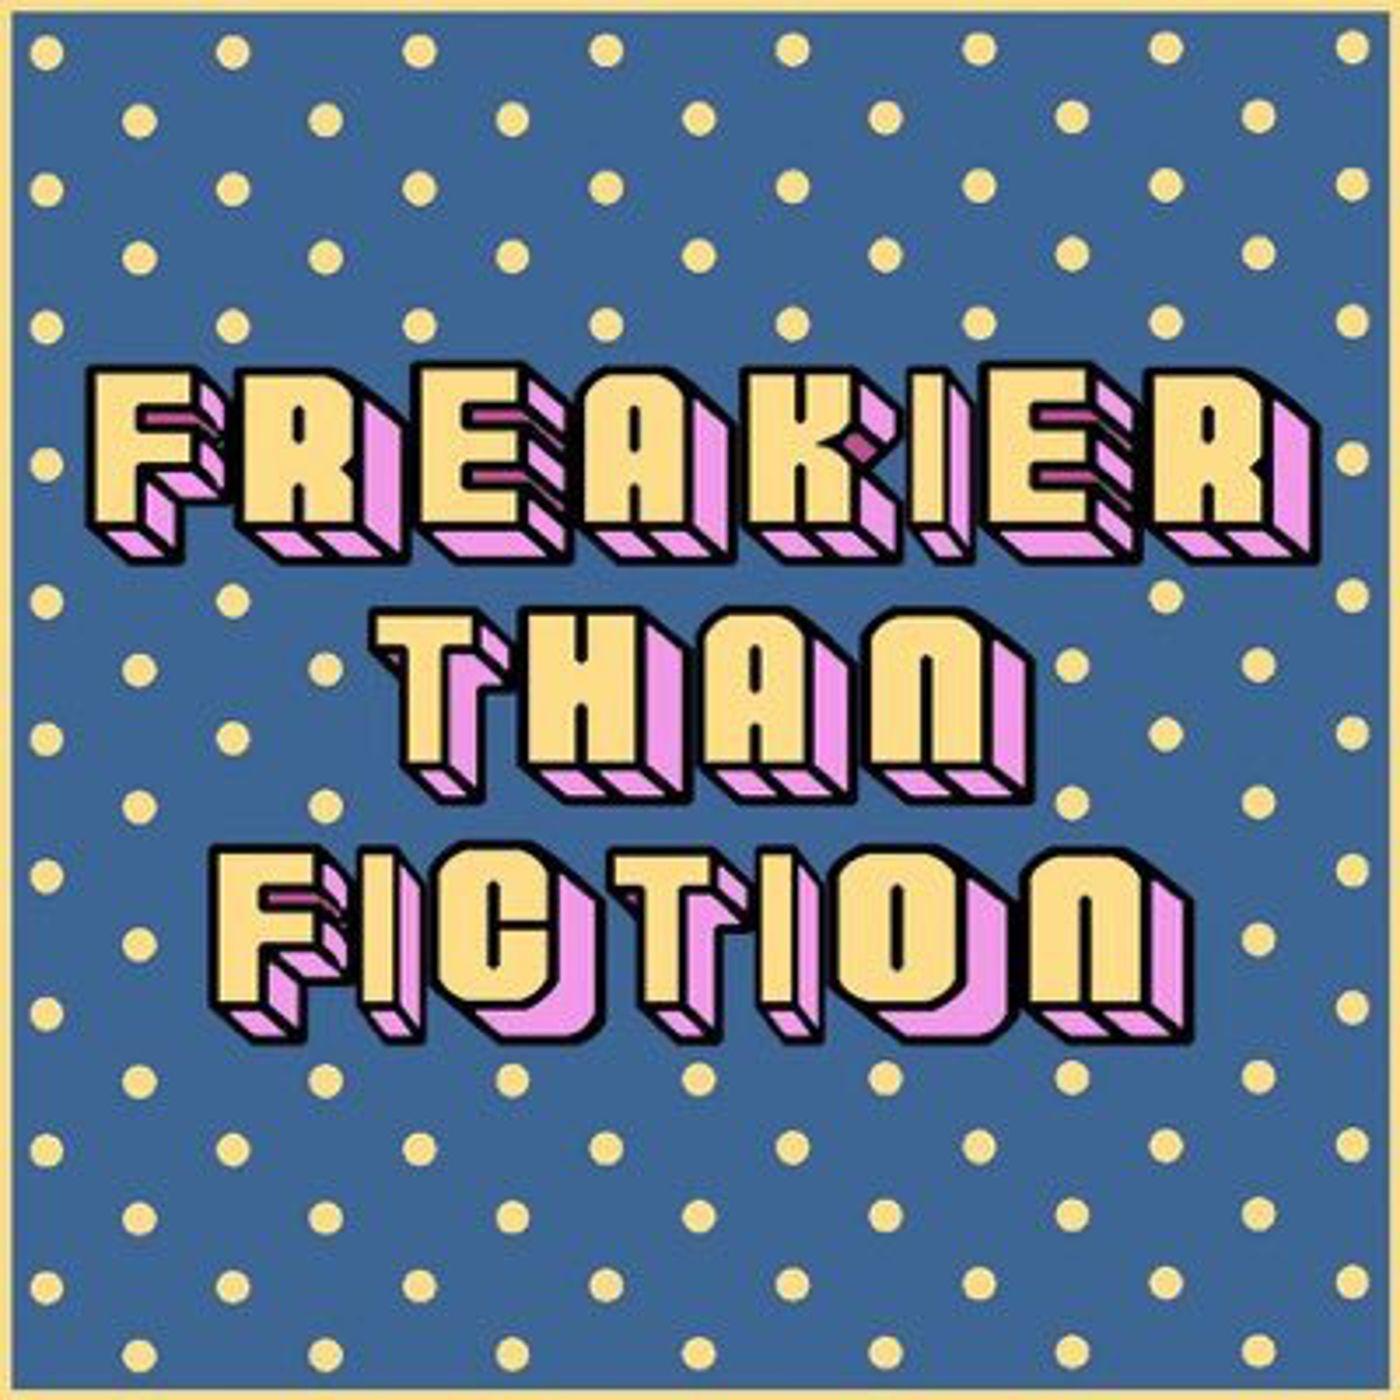 Freakier than Fiction